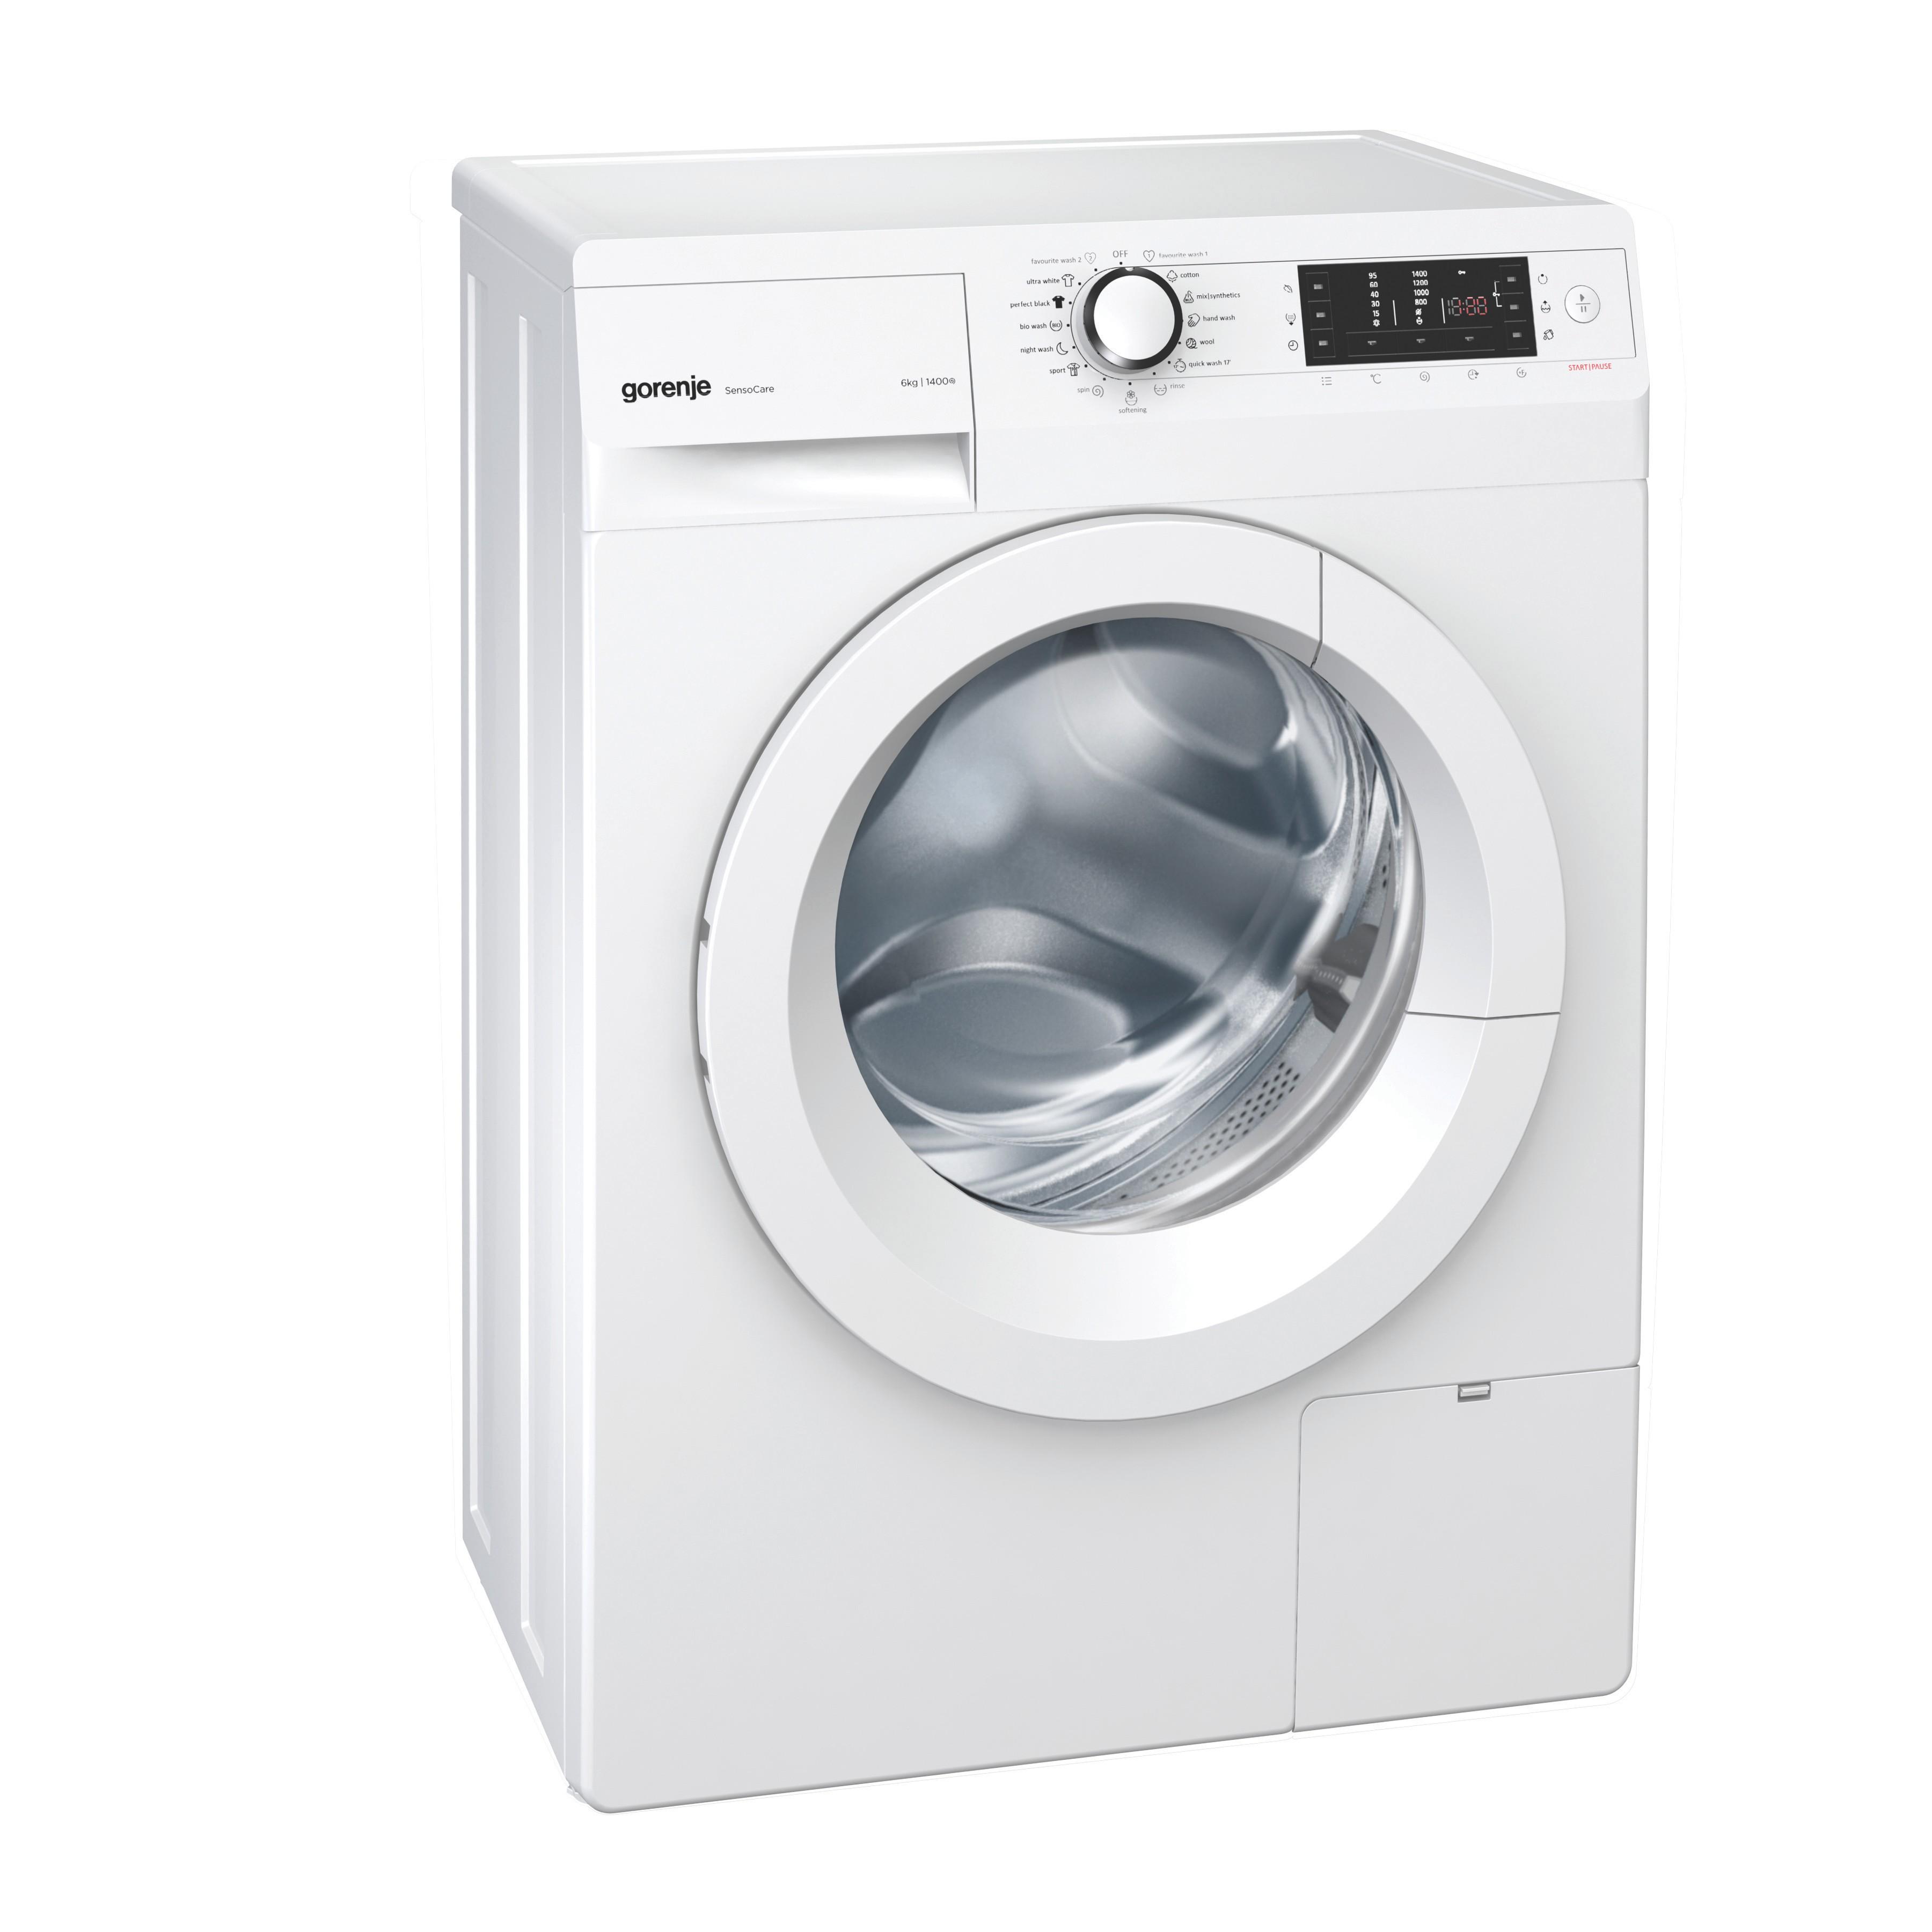 Gorenje tvättmaskin W6543S - Tvättmaskin - Elgiganten